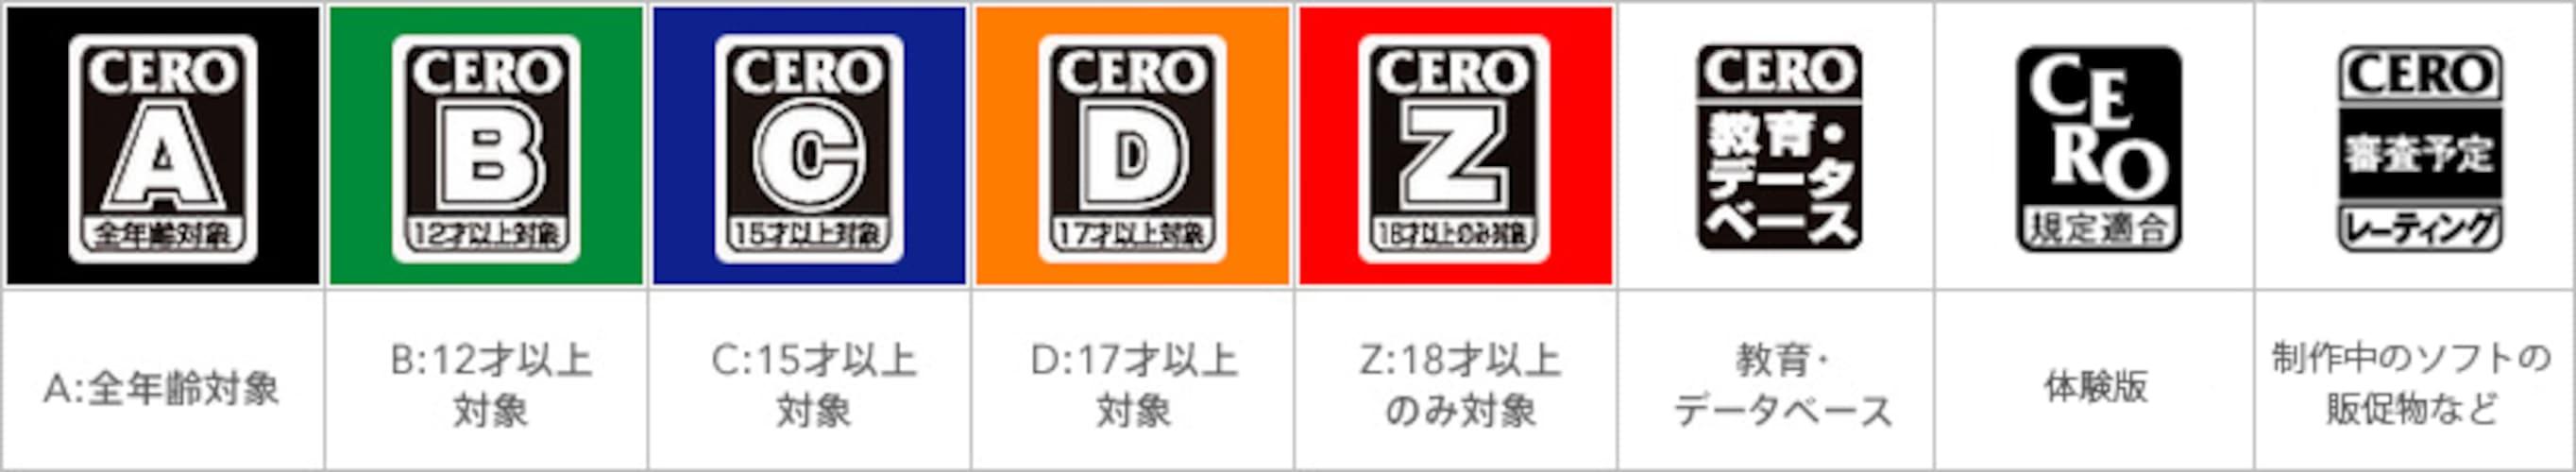 対象年齢|全年齢向けの「CERO A」大人向けの「CERO Z」